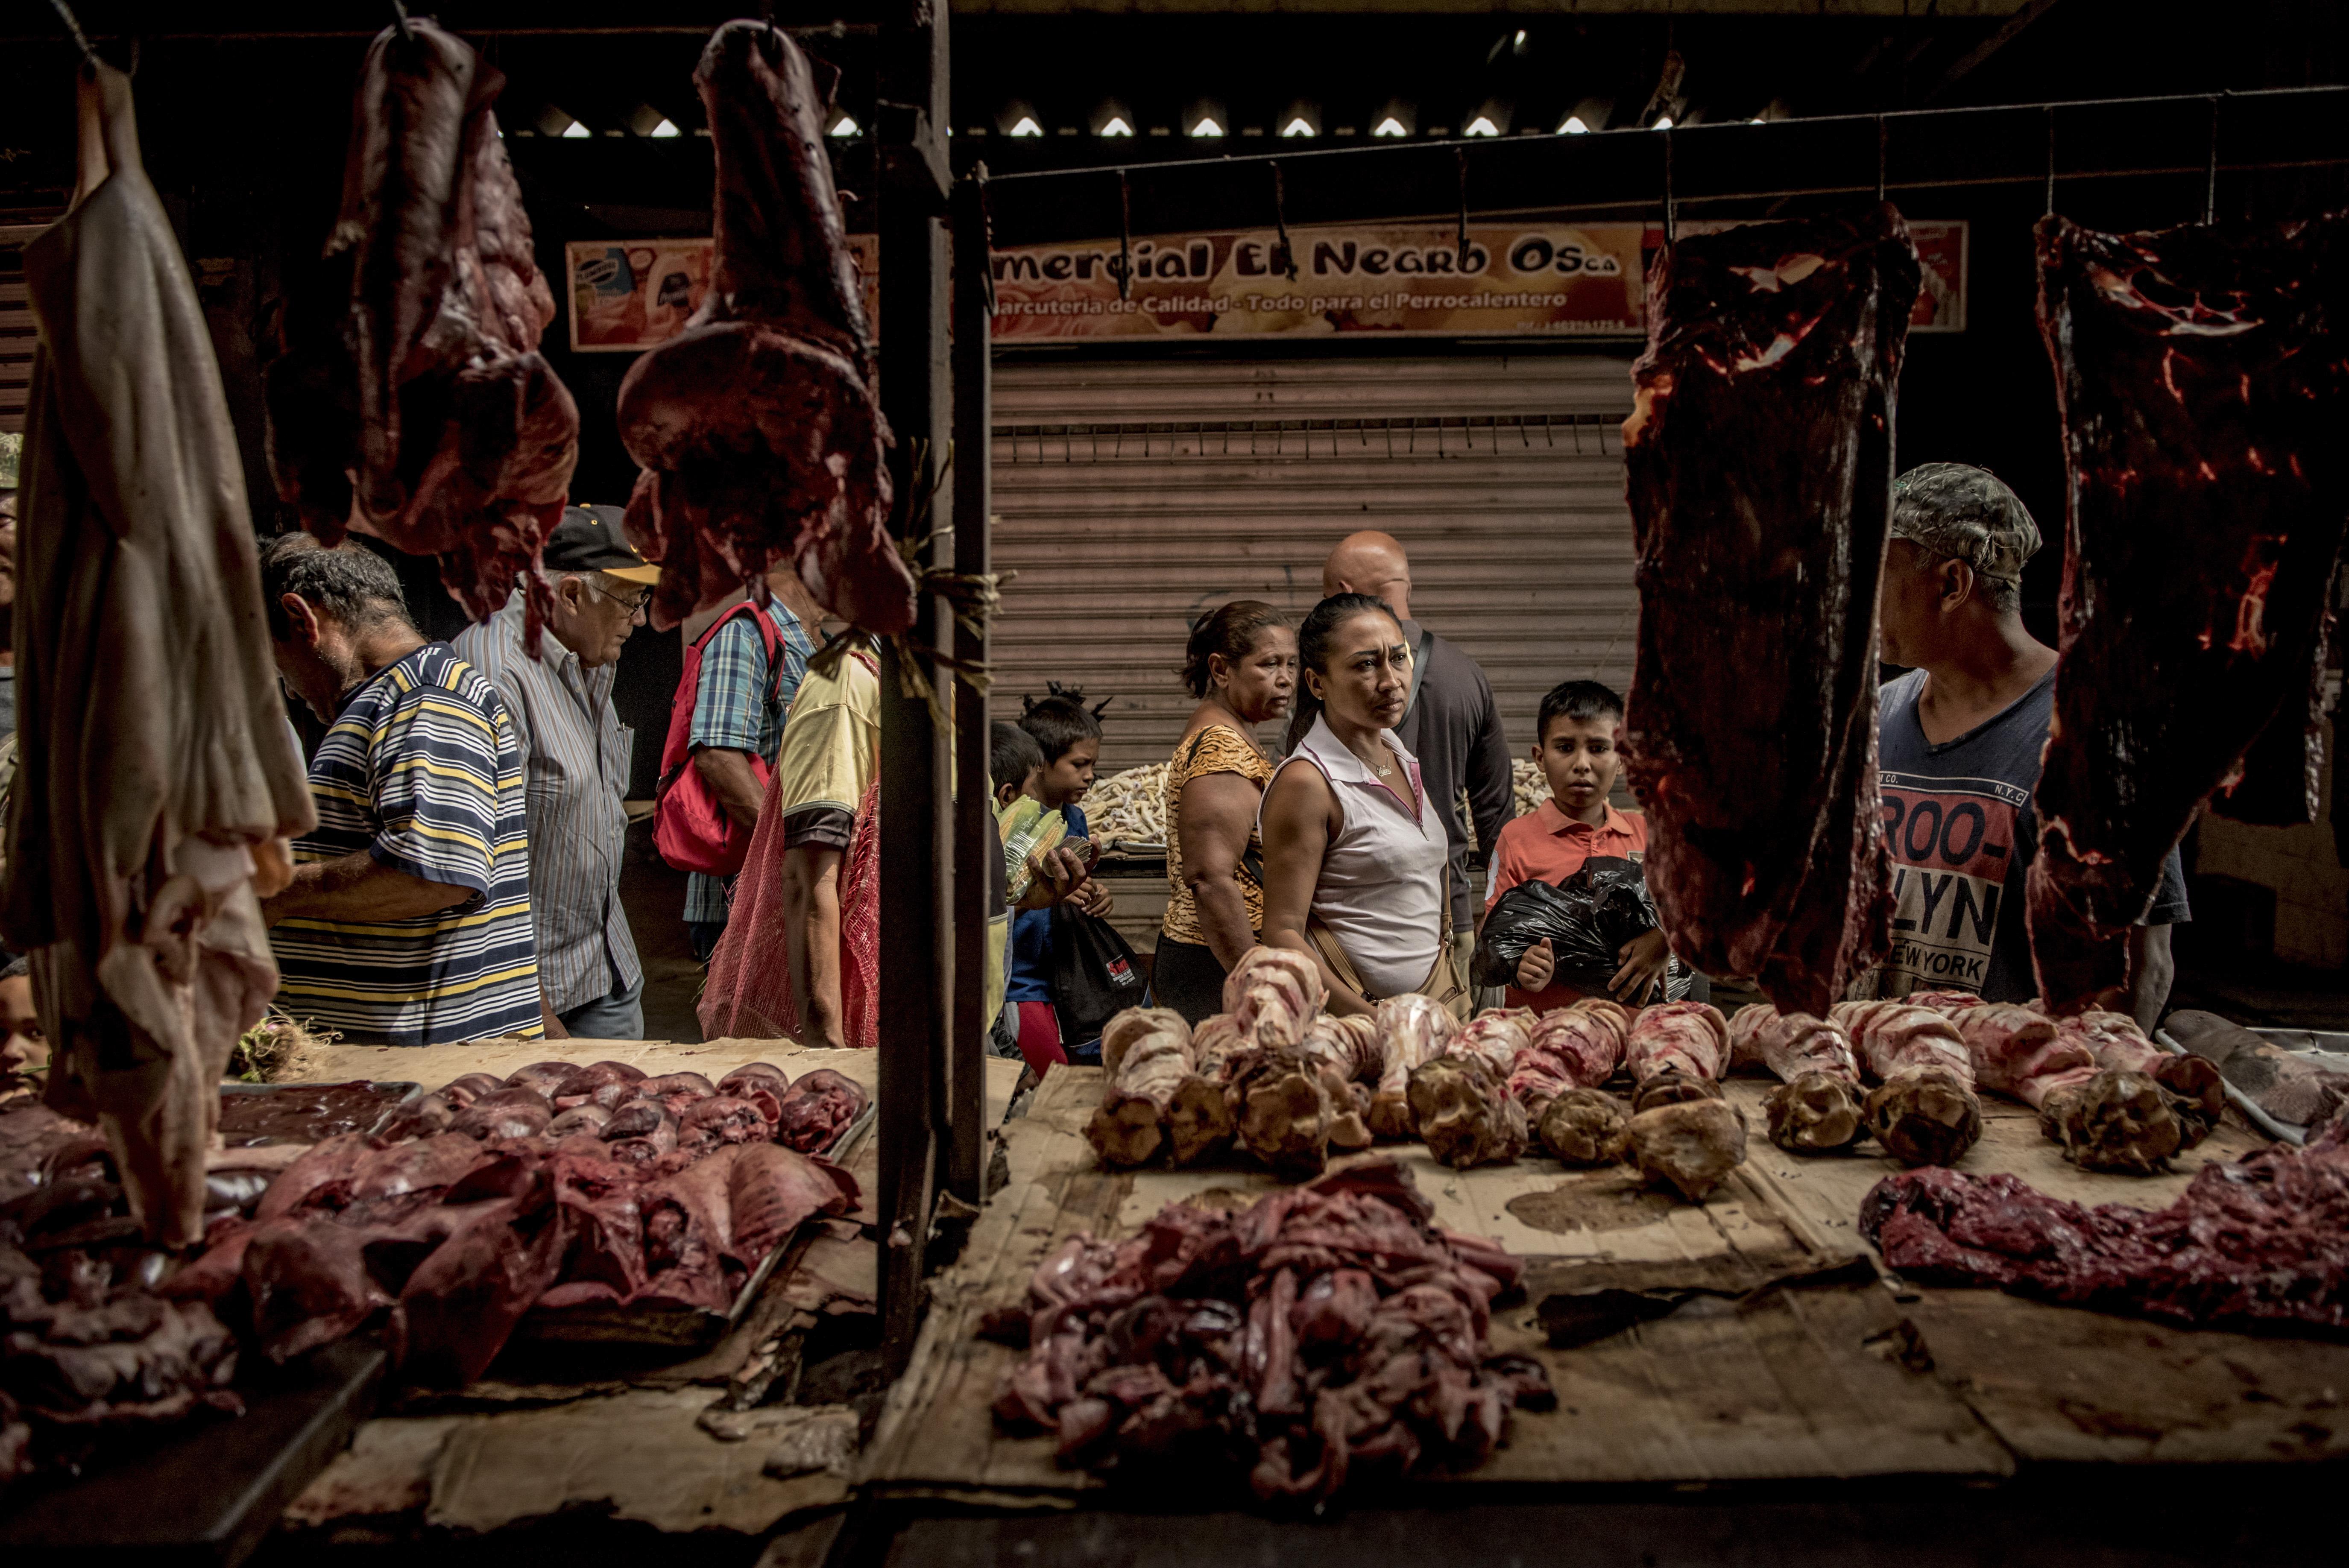 Personas que compraban despojos no refrigerados y otros subproductos de carne de res en un mercado de Maracaibo. (Meridith Kohut/The New York Times)